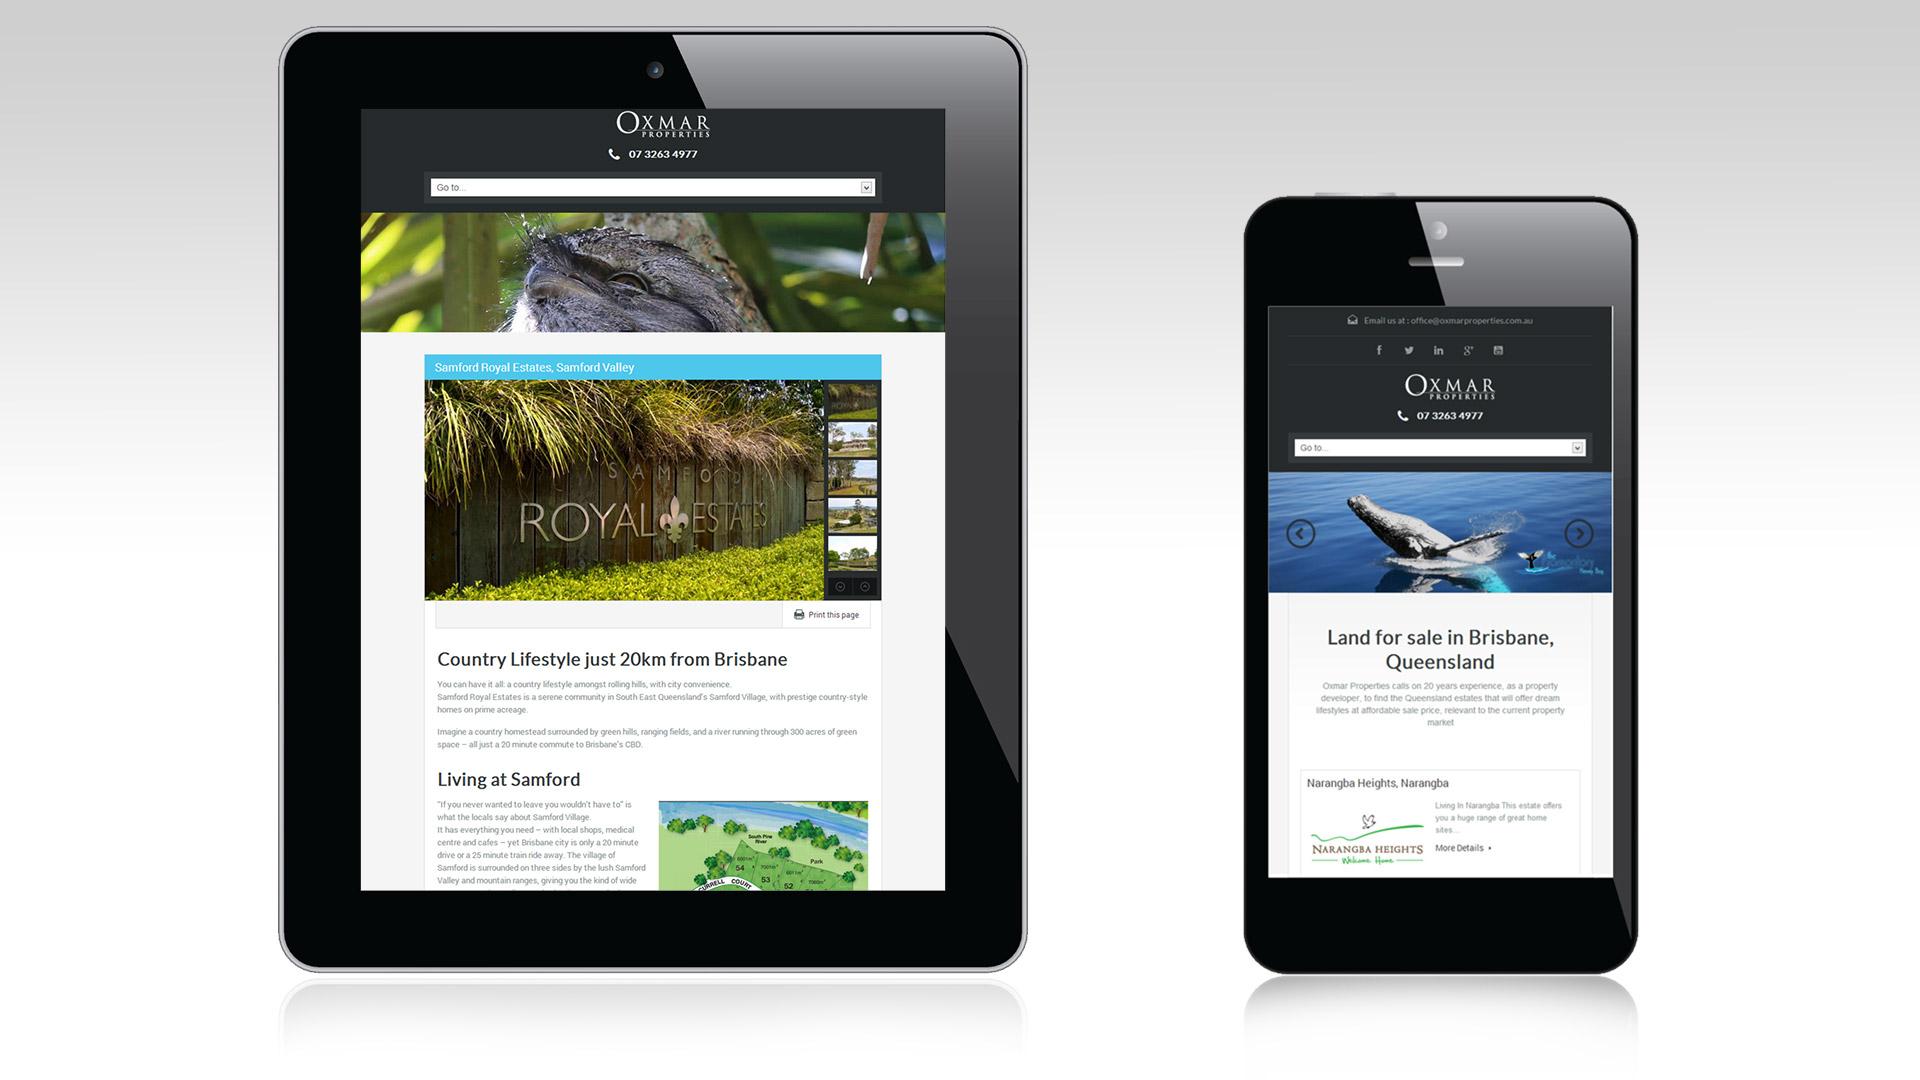 webdesign_oxmar02